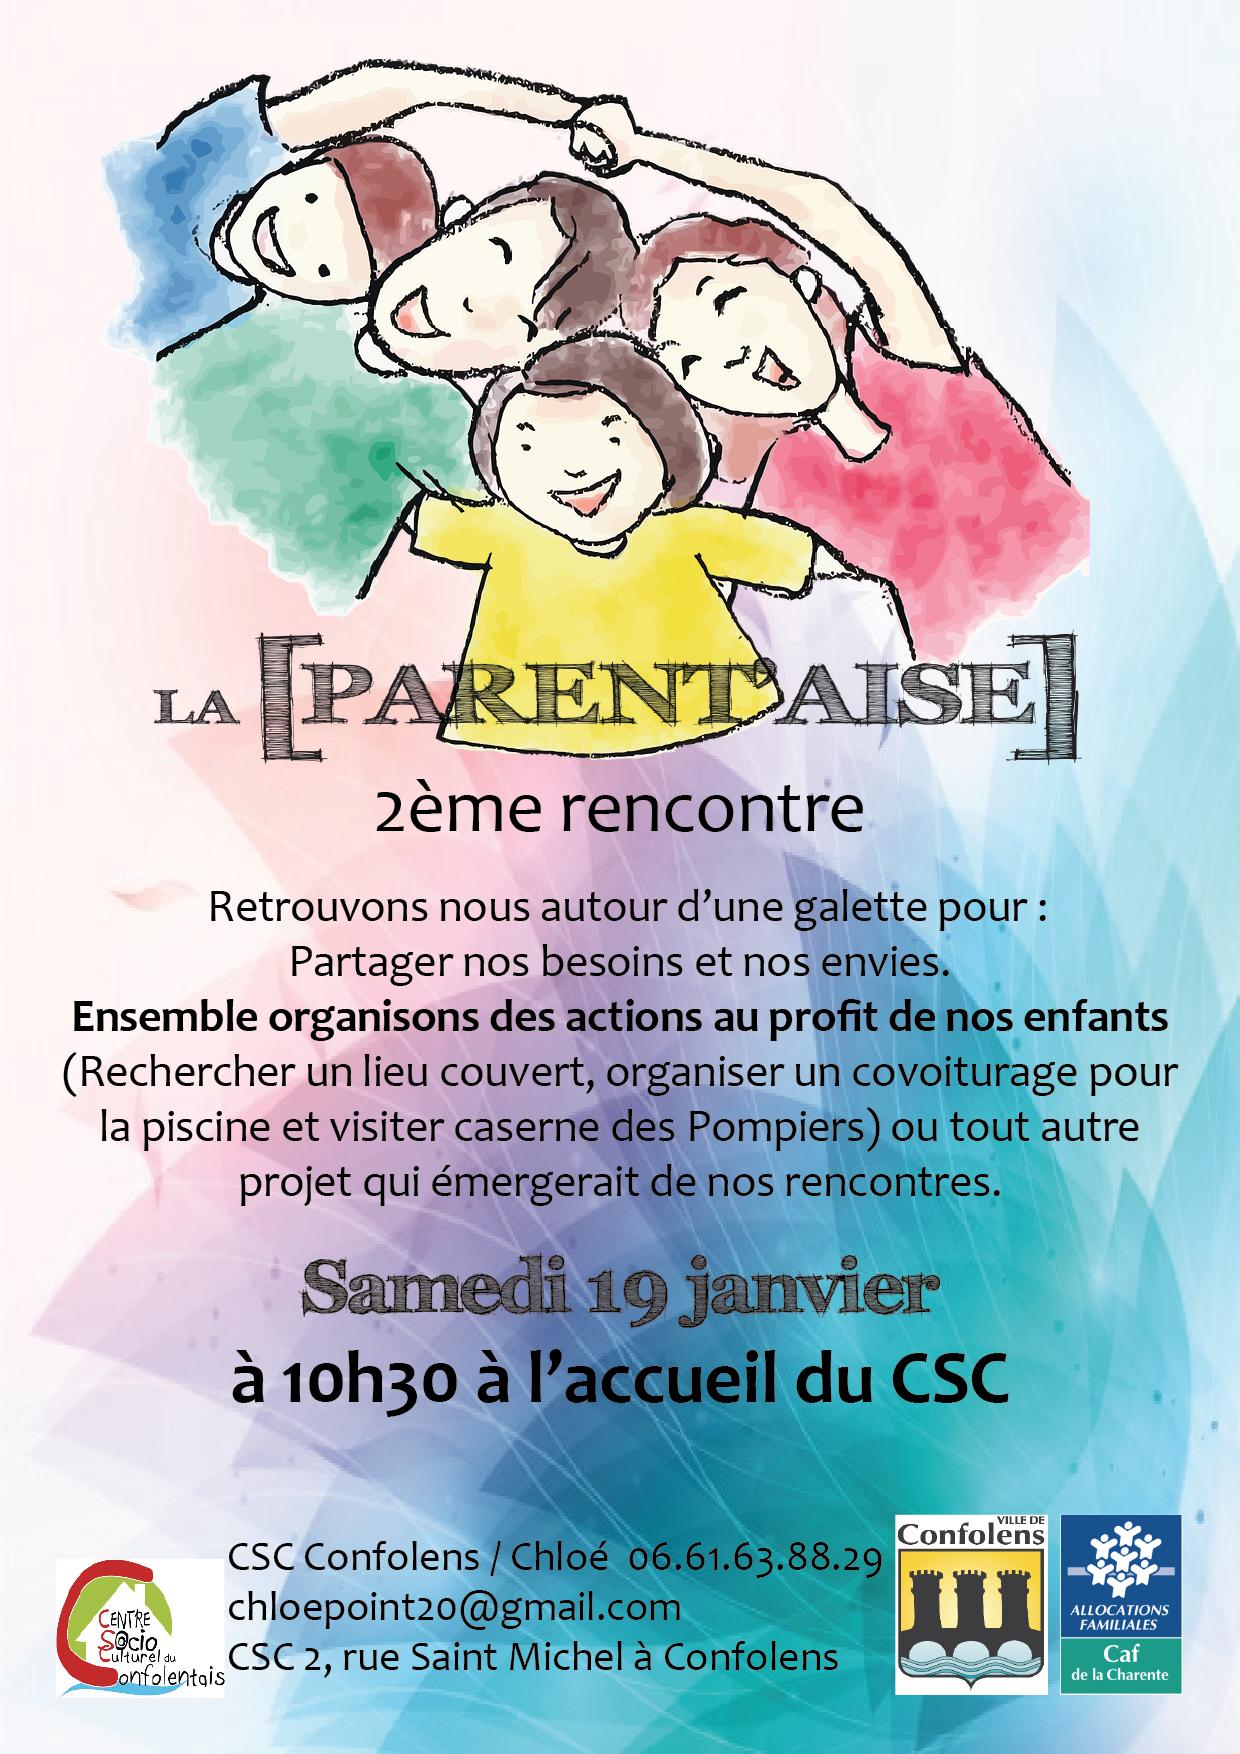 19/01 Rencontre entre Parents